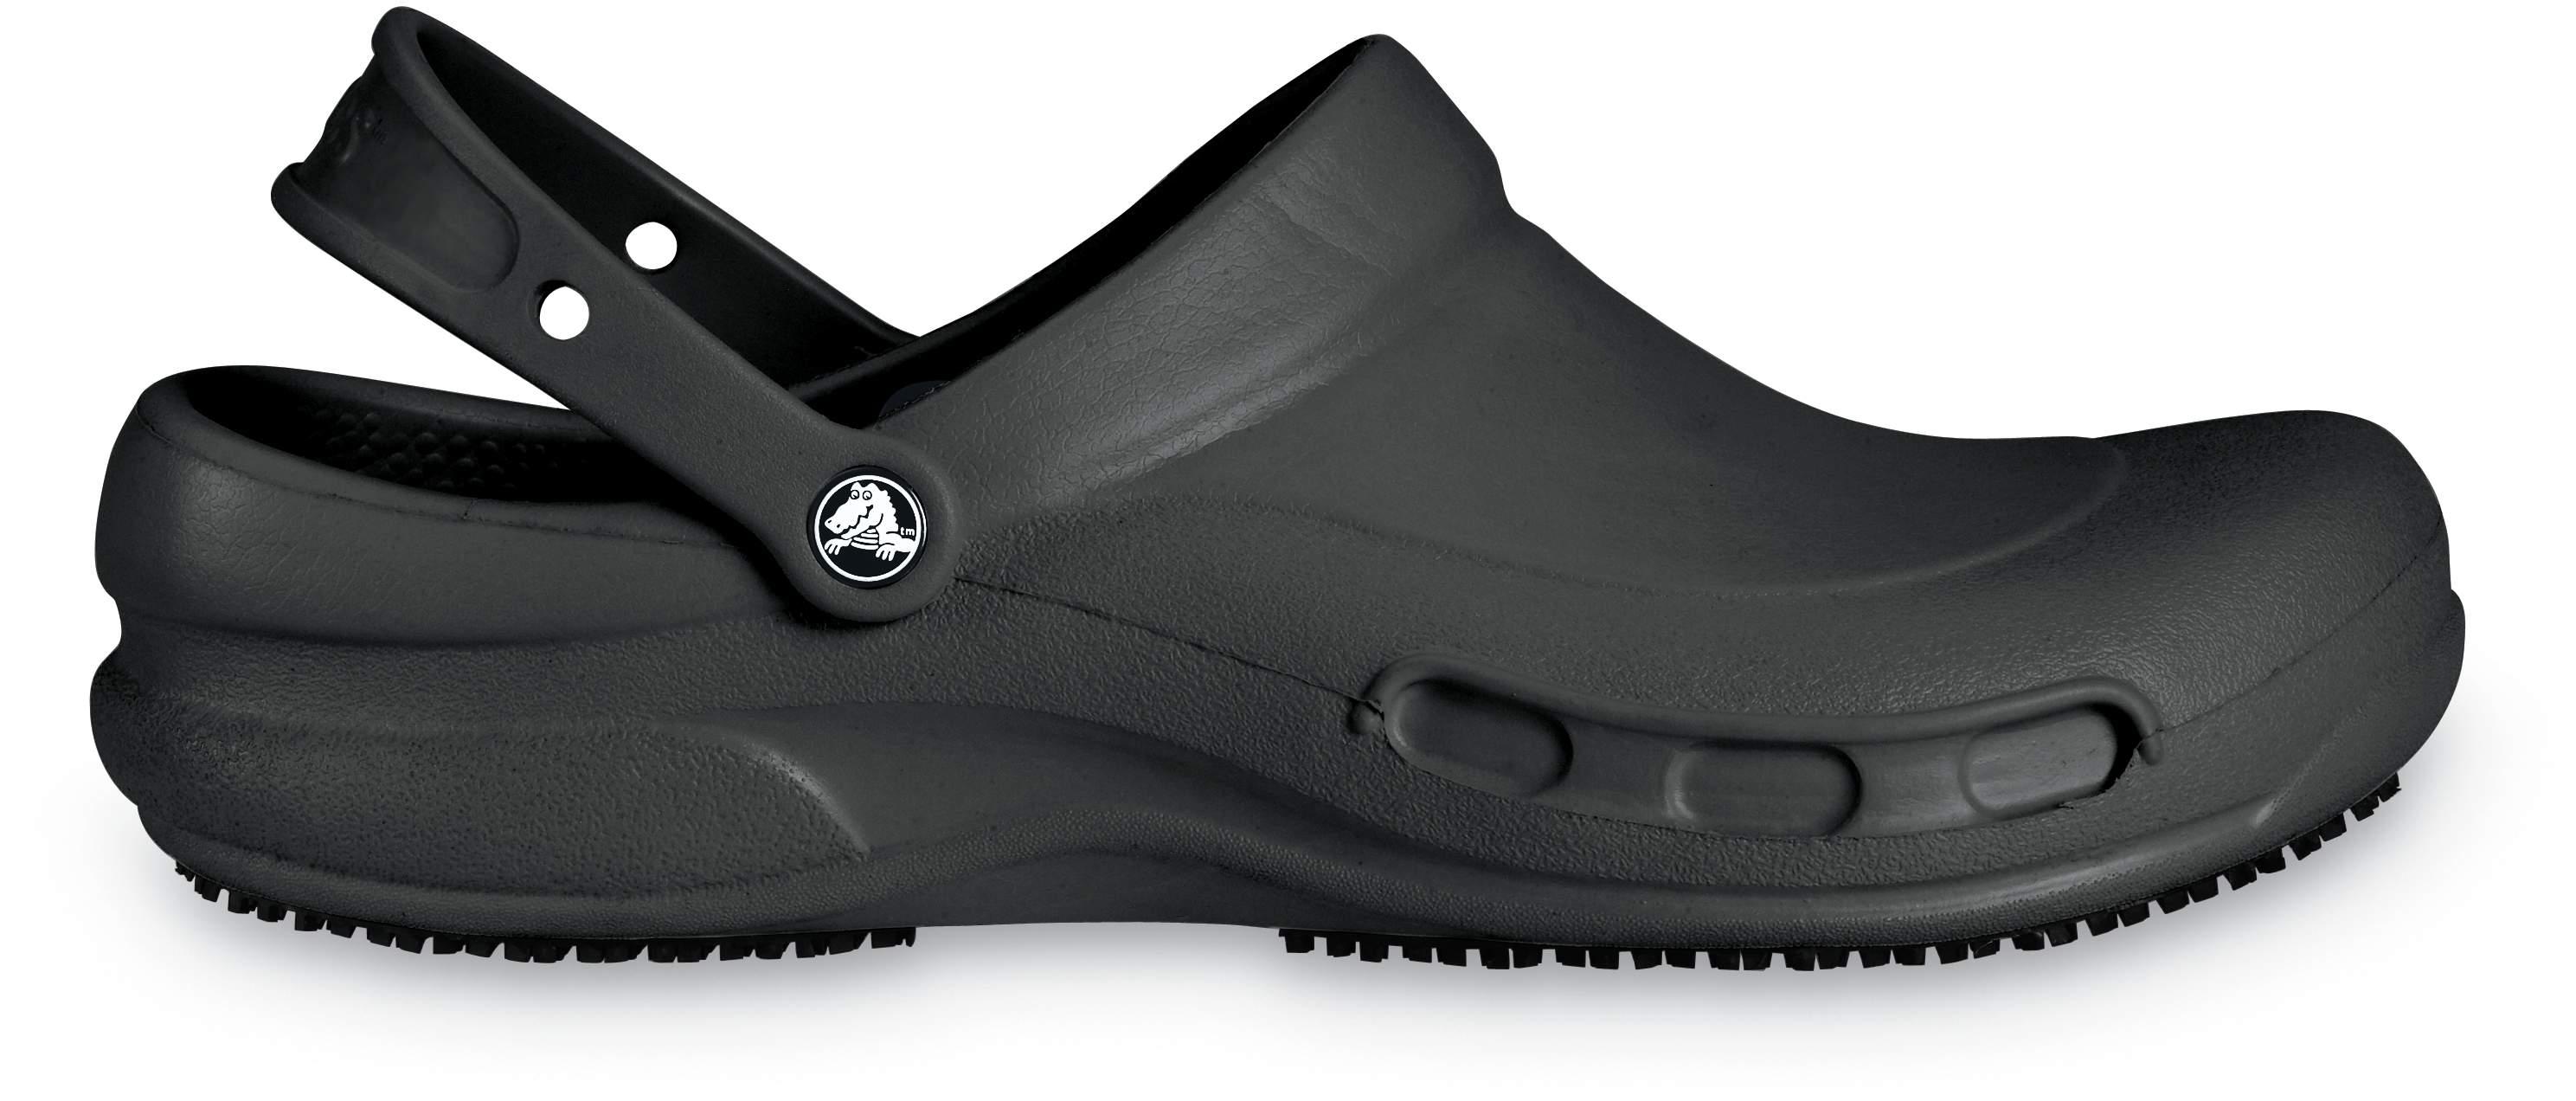 Non Slip Kitchen Shoes | Crocs Bistro Kitchen Chef Work Shoe Crocs Official Site